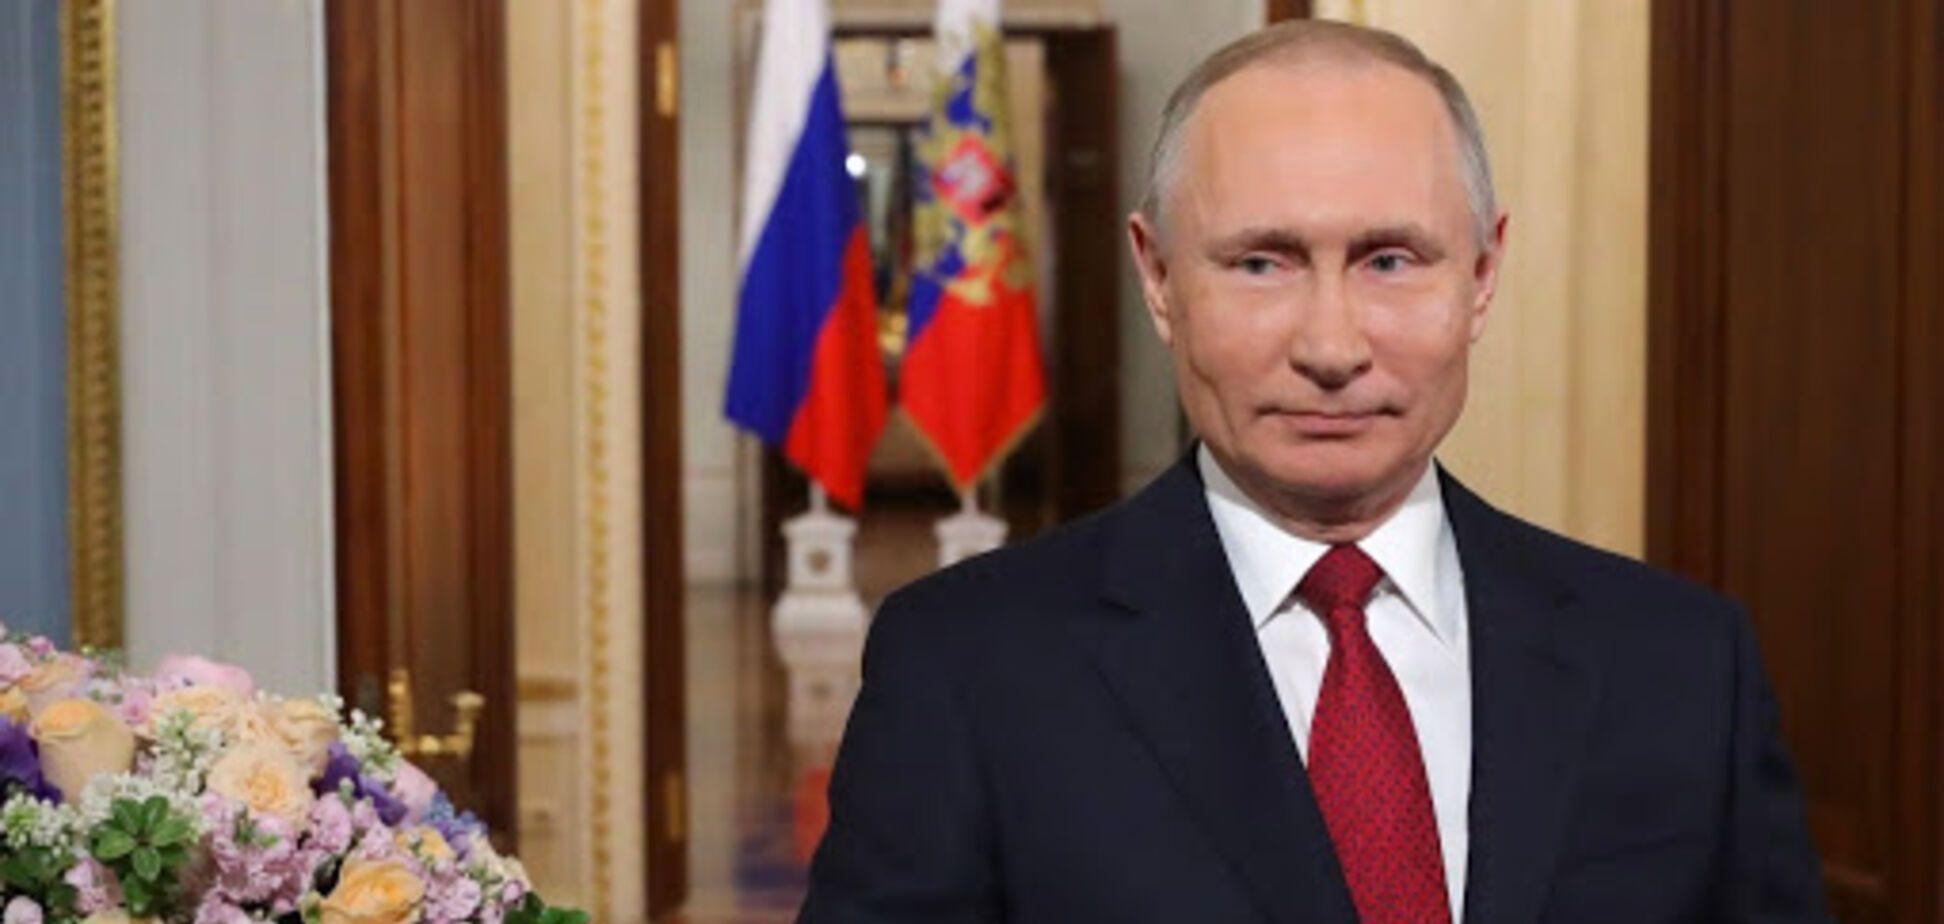 Лидеры стран поздравили Путина с 'обнулением'